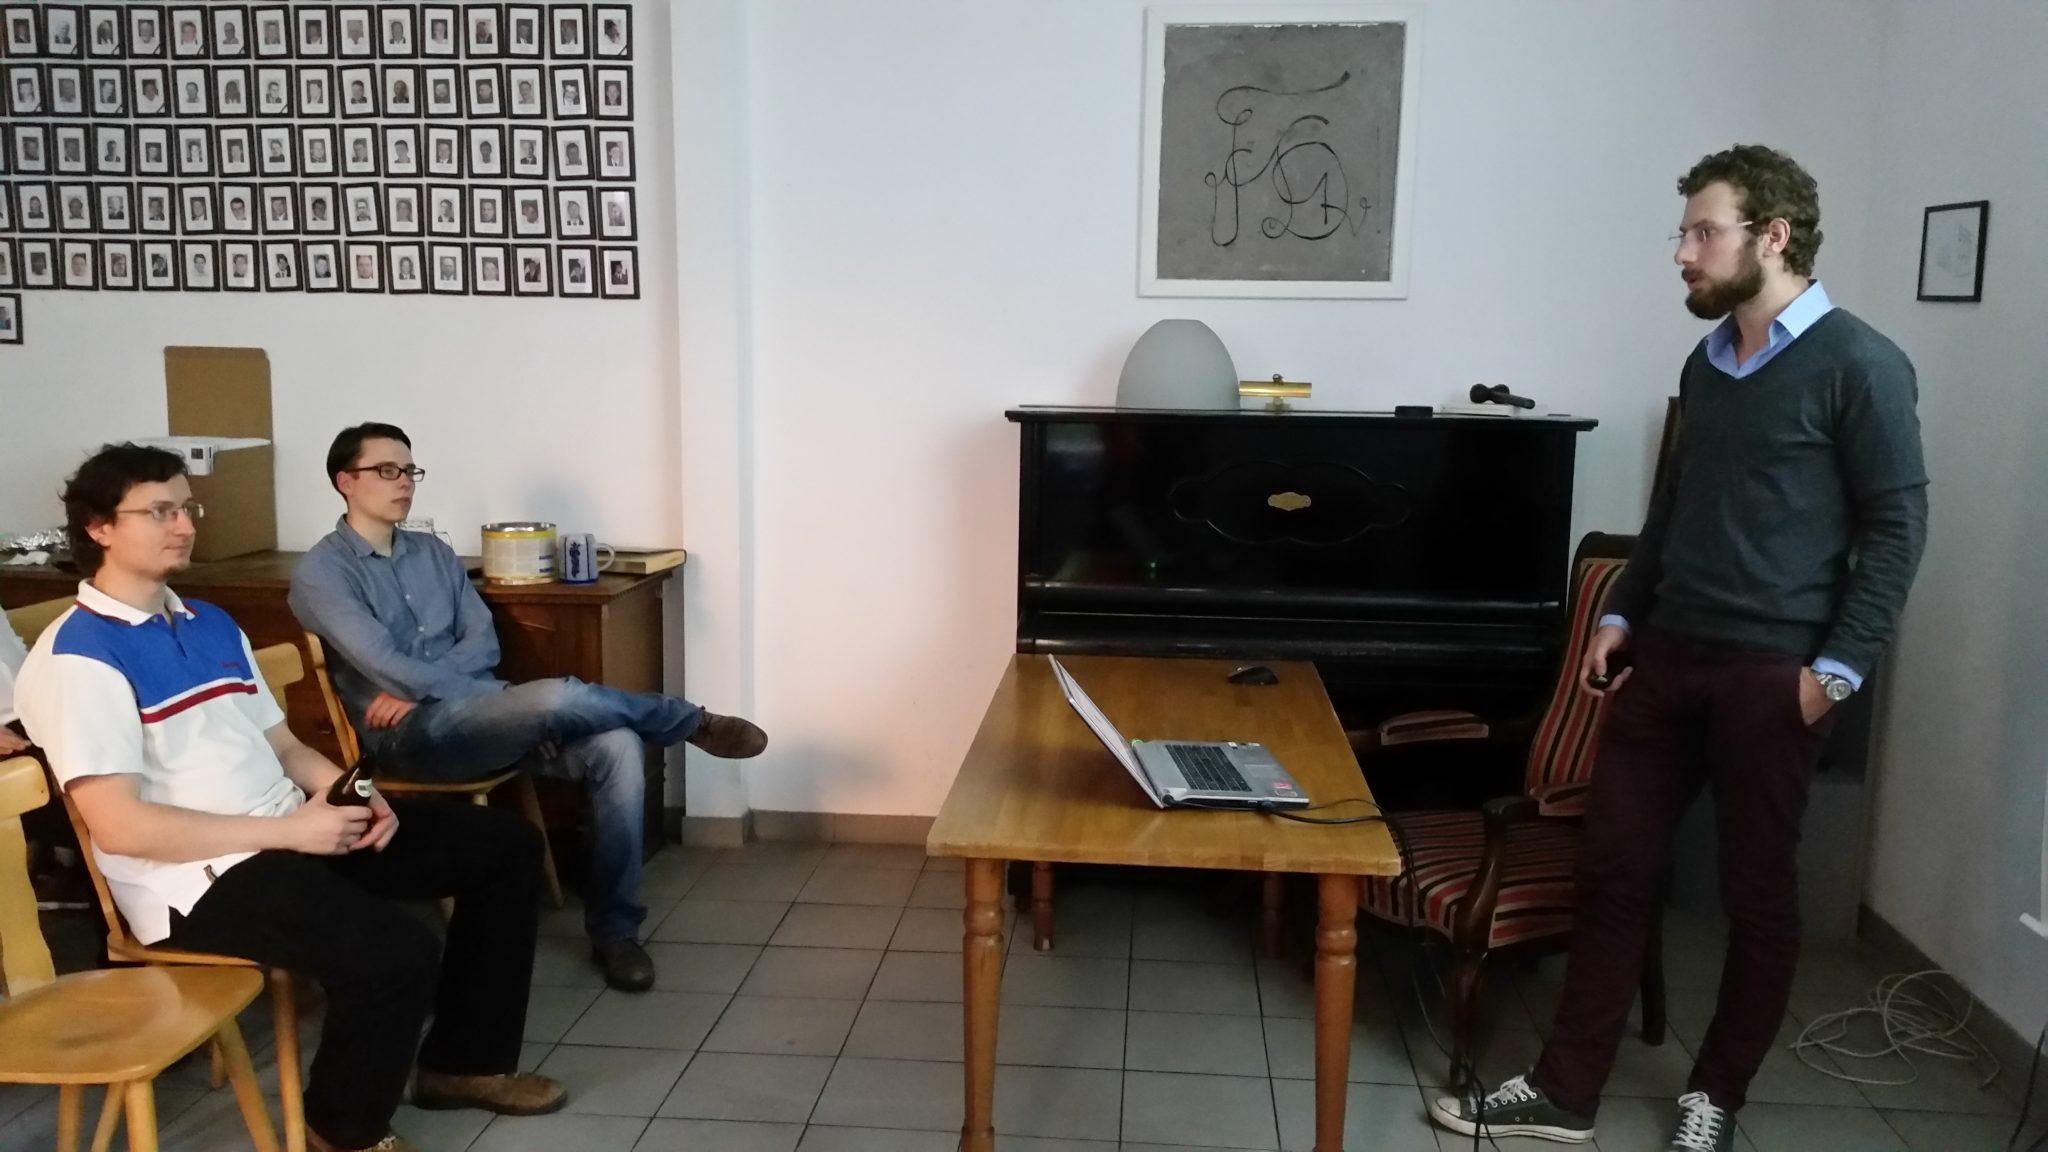 Burschungsvortrag über Drogen und ihre Wirkung auf Körper und Geist von Malte Löning